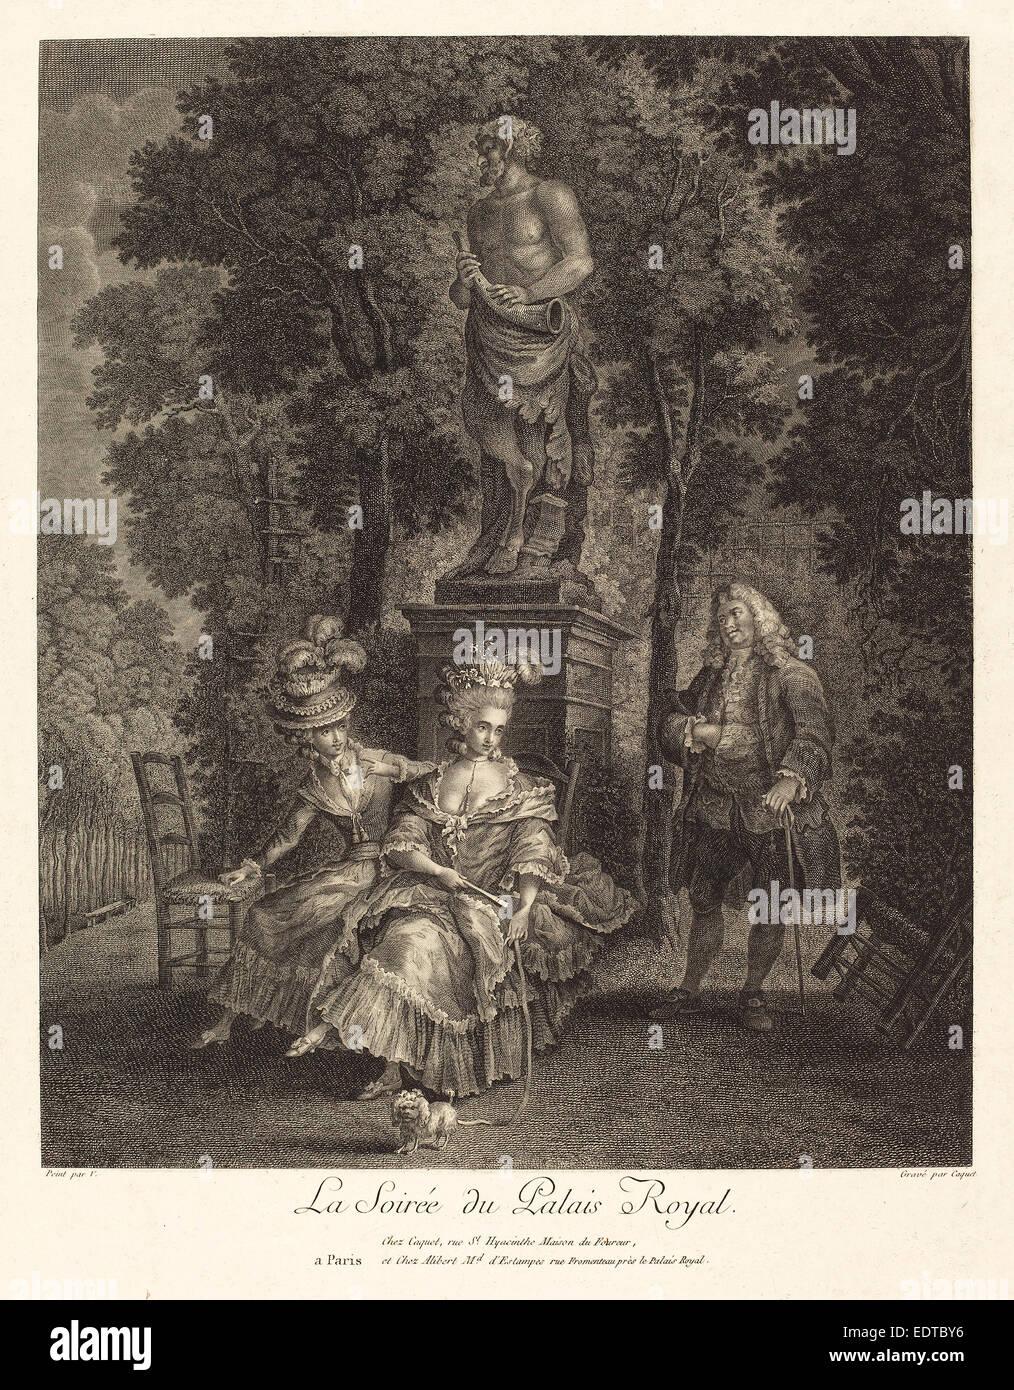 Jean Gabriel Caquet after François-André Vincent (French, 1749 - 1802), La soiree du Palais Royal, etching - Stock Image